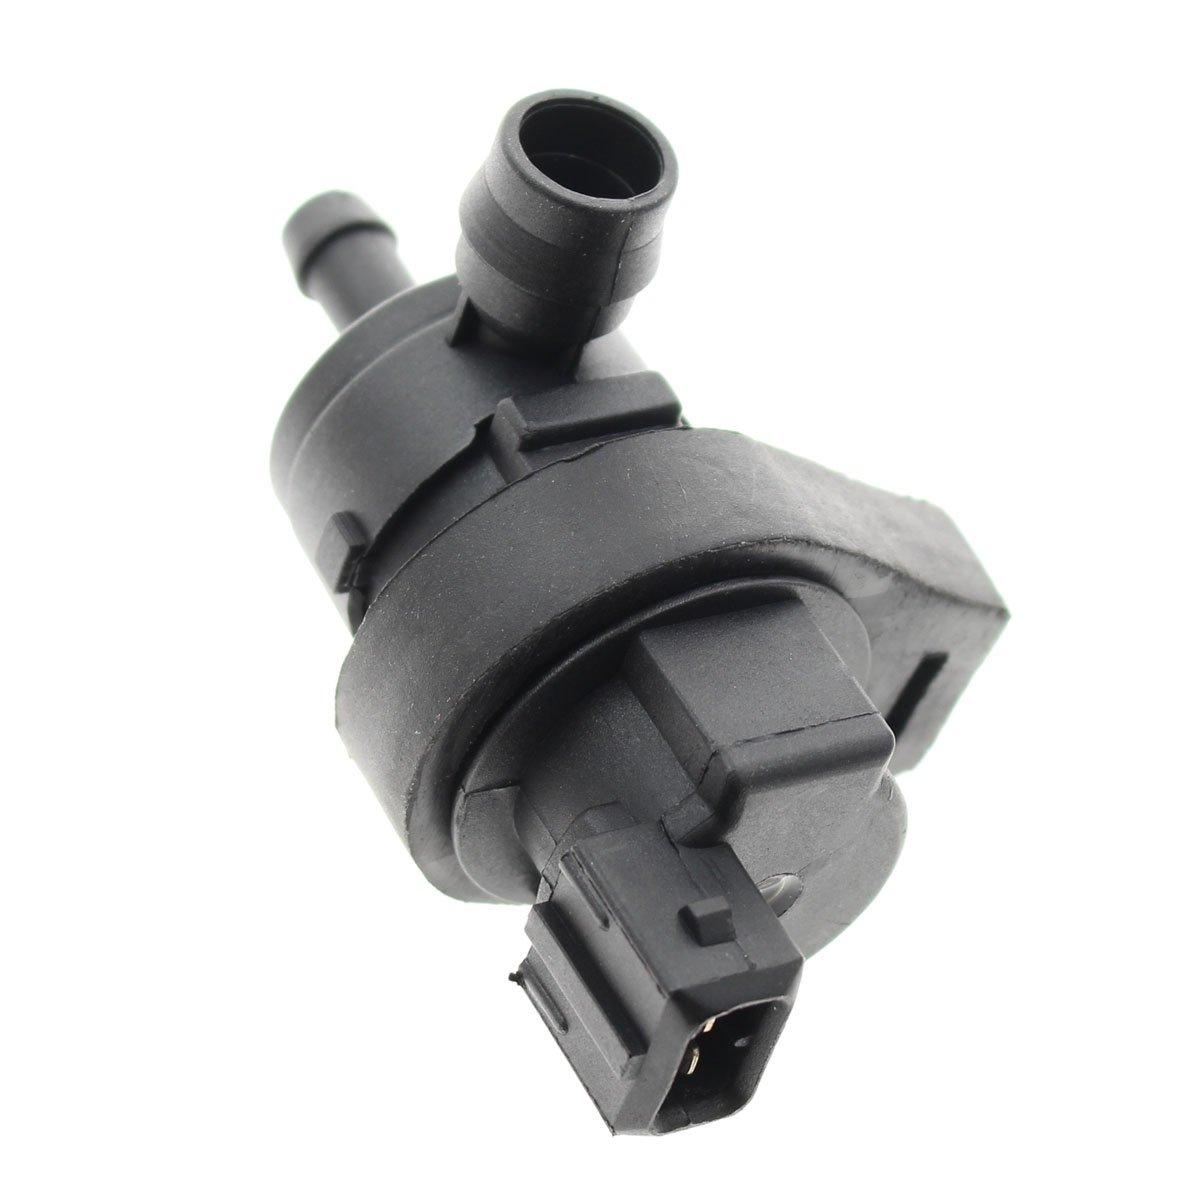 hight resolution of get quotations goodeal fuel tank evaporator breather vent valve 13901433603 for bmw e38 e39 e46 e85 x5